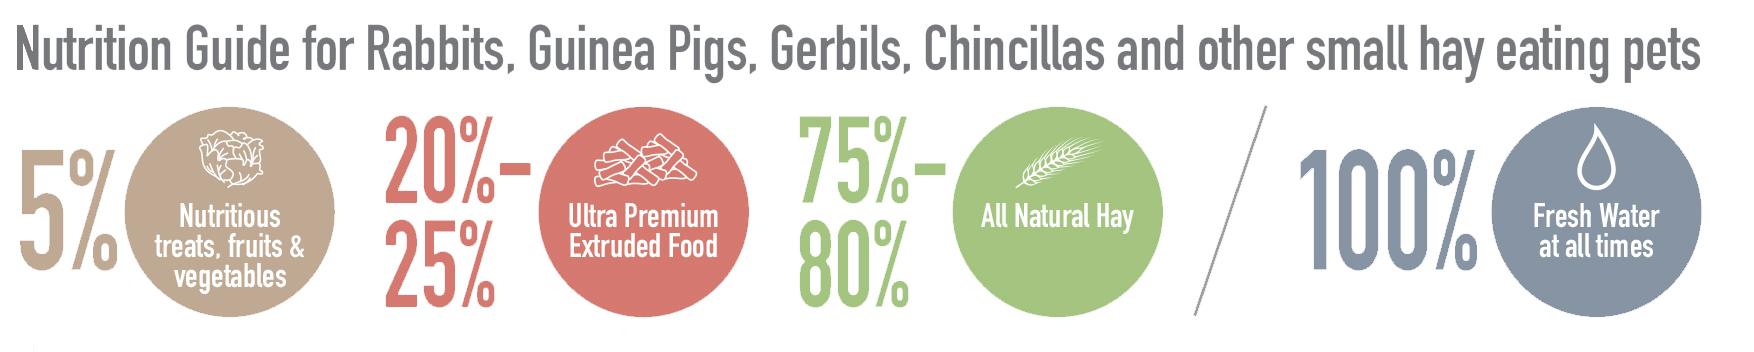 Genesis Nutrition Guide.Timothy.jpg